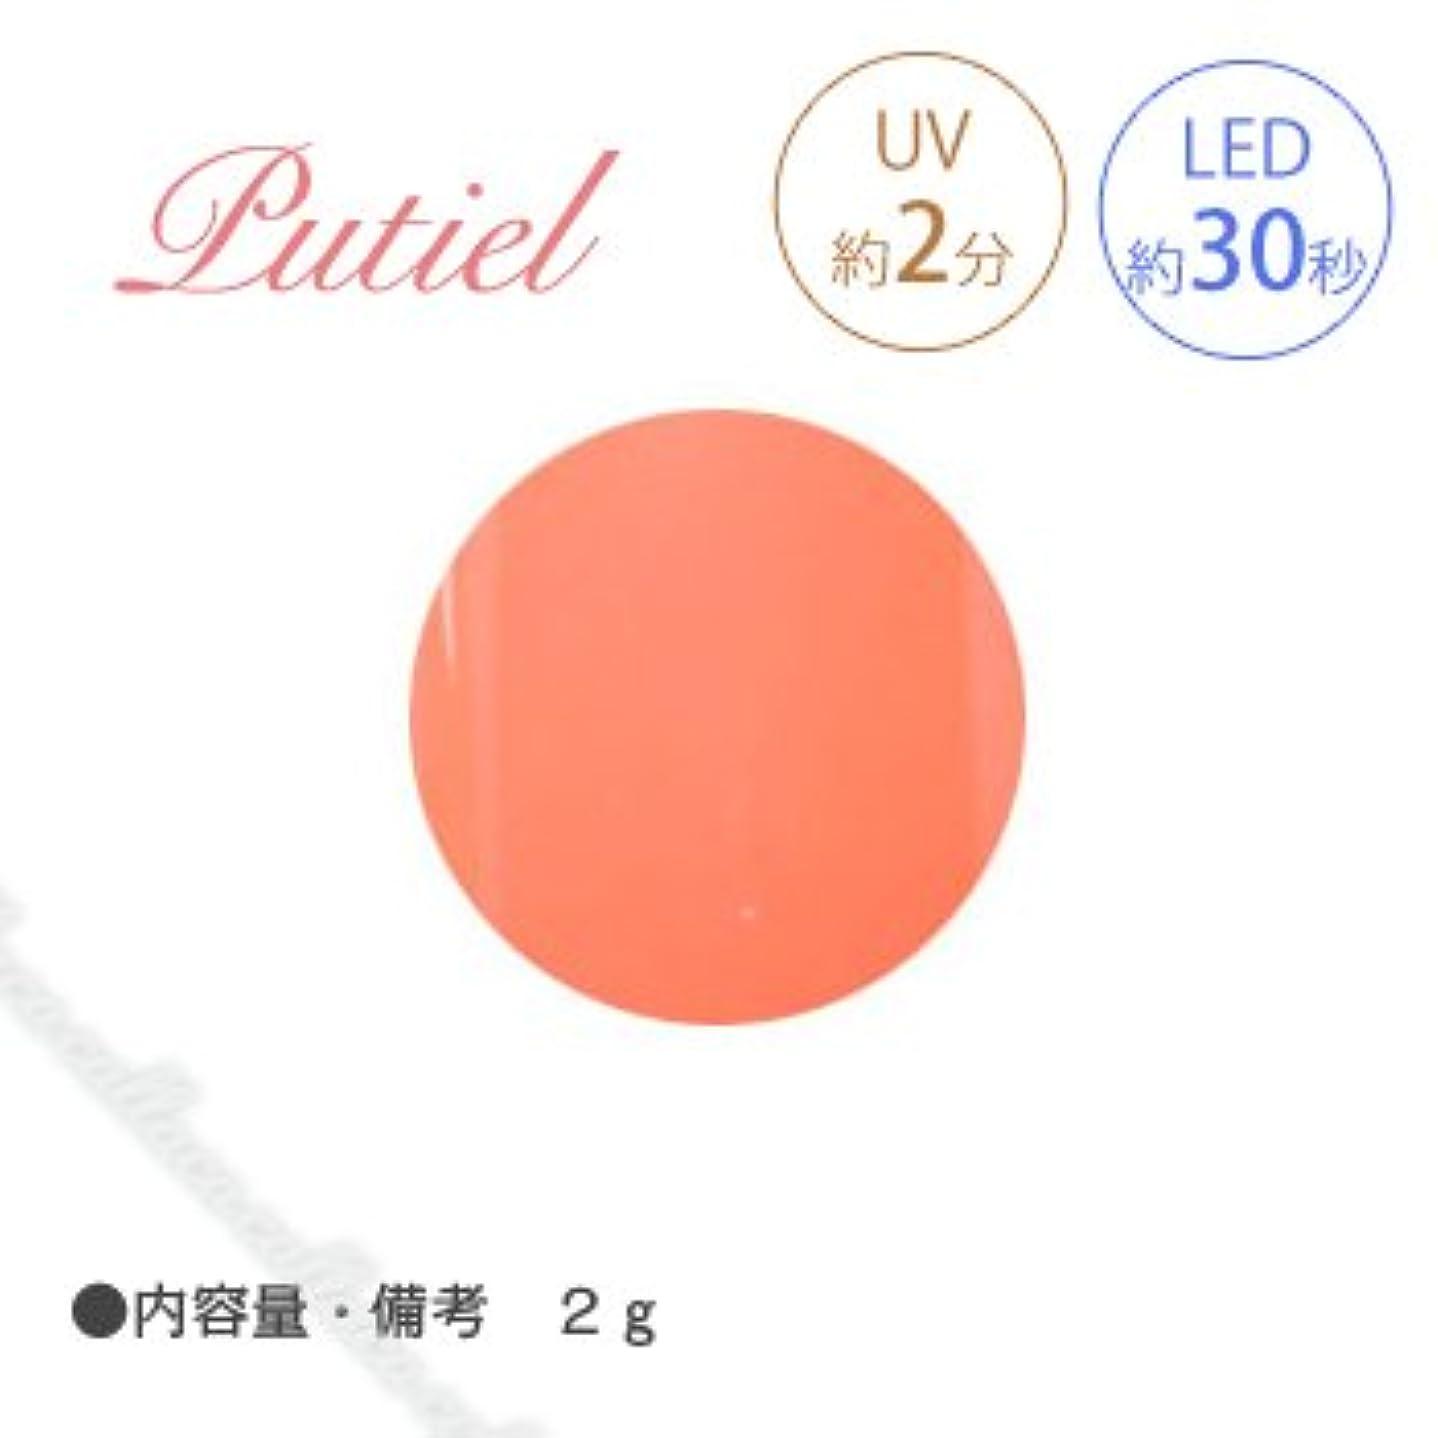 黙認する刺繍ミシン目Putiel プティール カラージェル 107 ビタミンオレンジ 2g